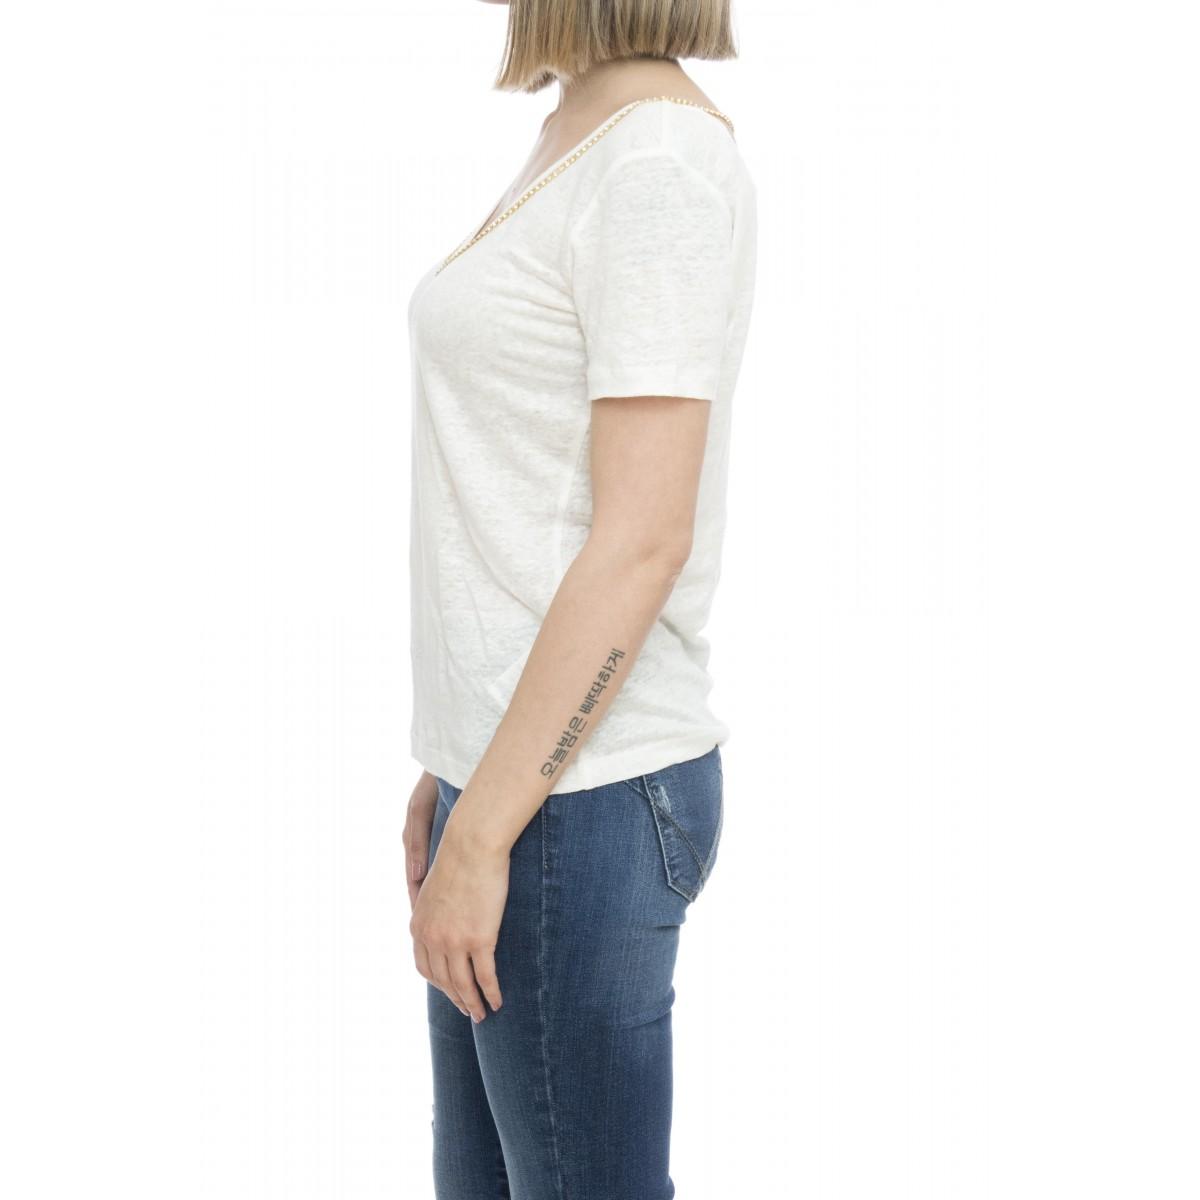 T-shirt donna - Efeso t-shirt con applicazione gioiello